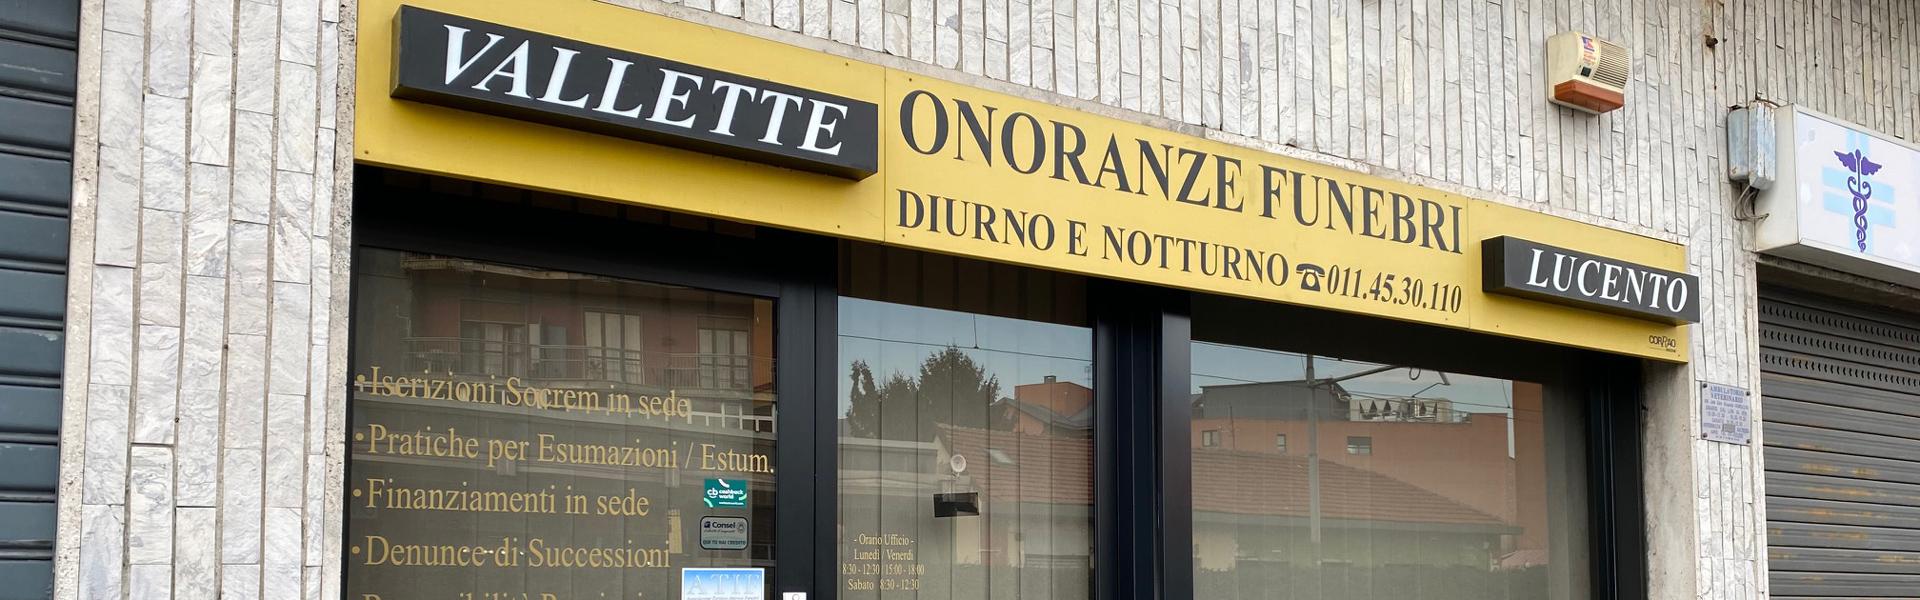 Onoranze Funebri Vallette Lucento